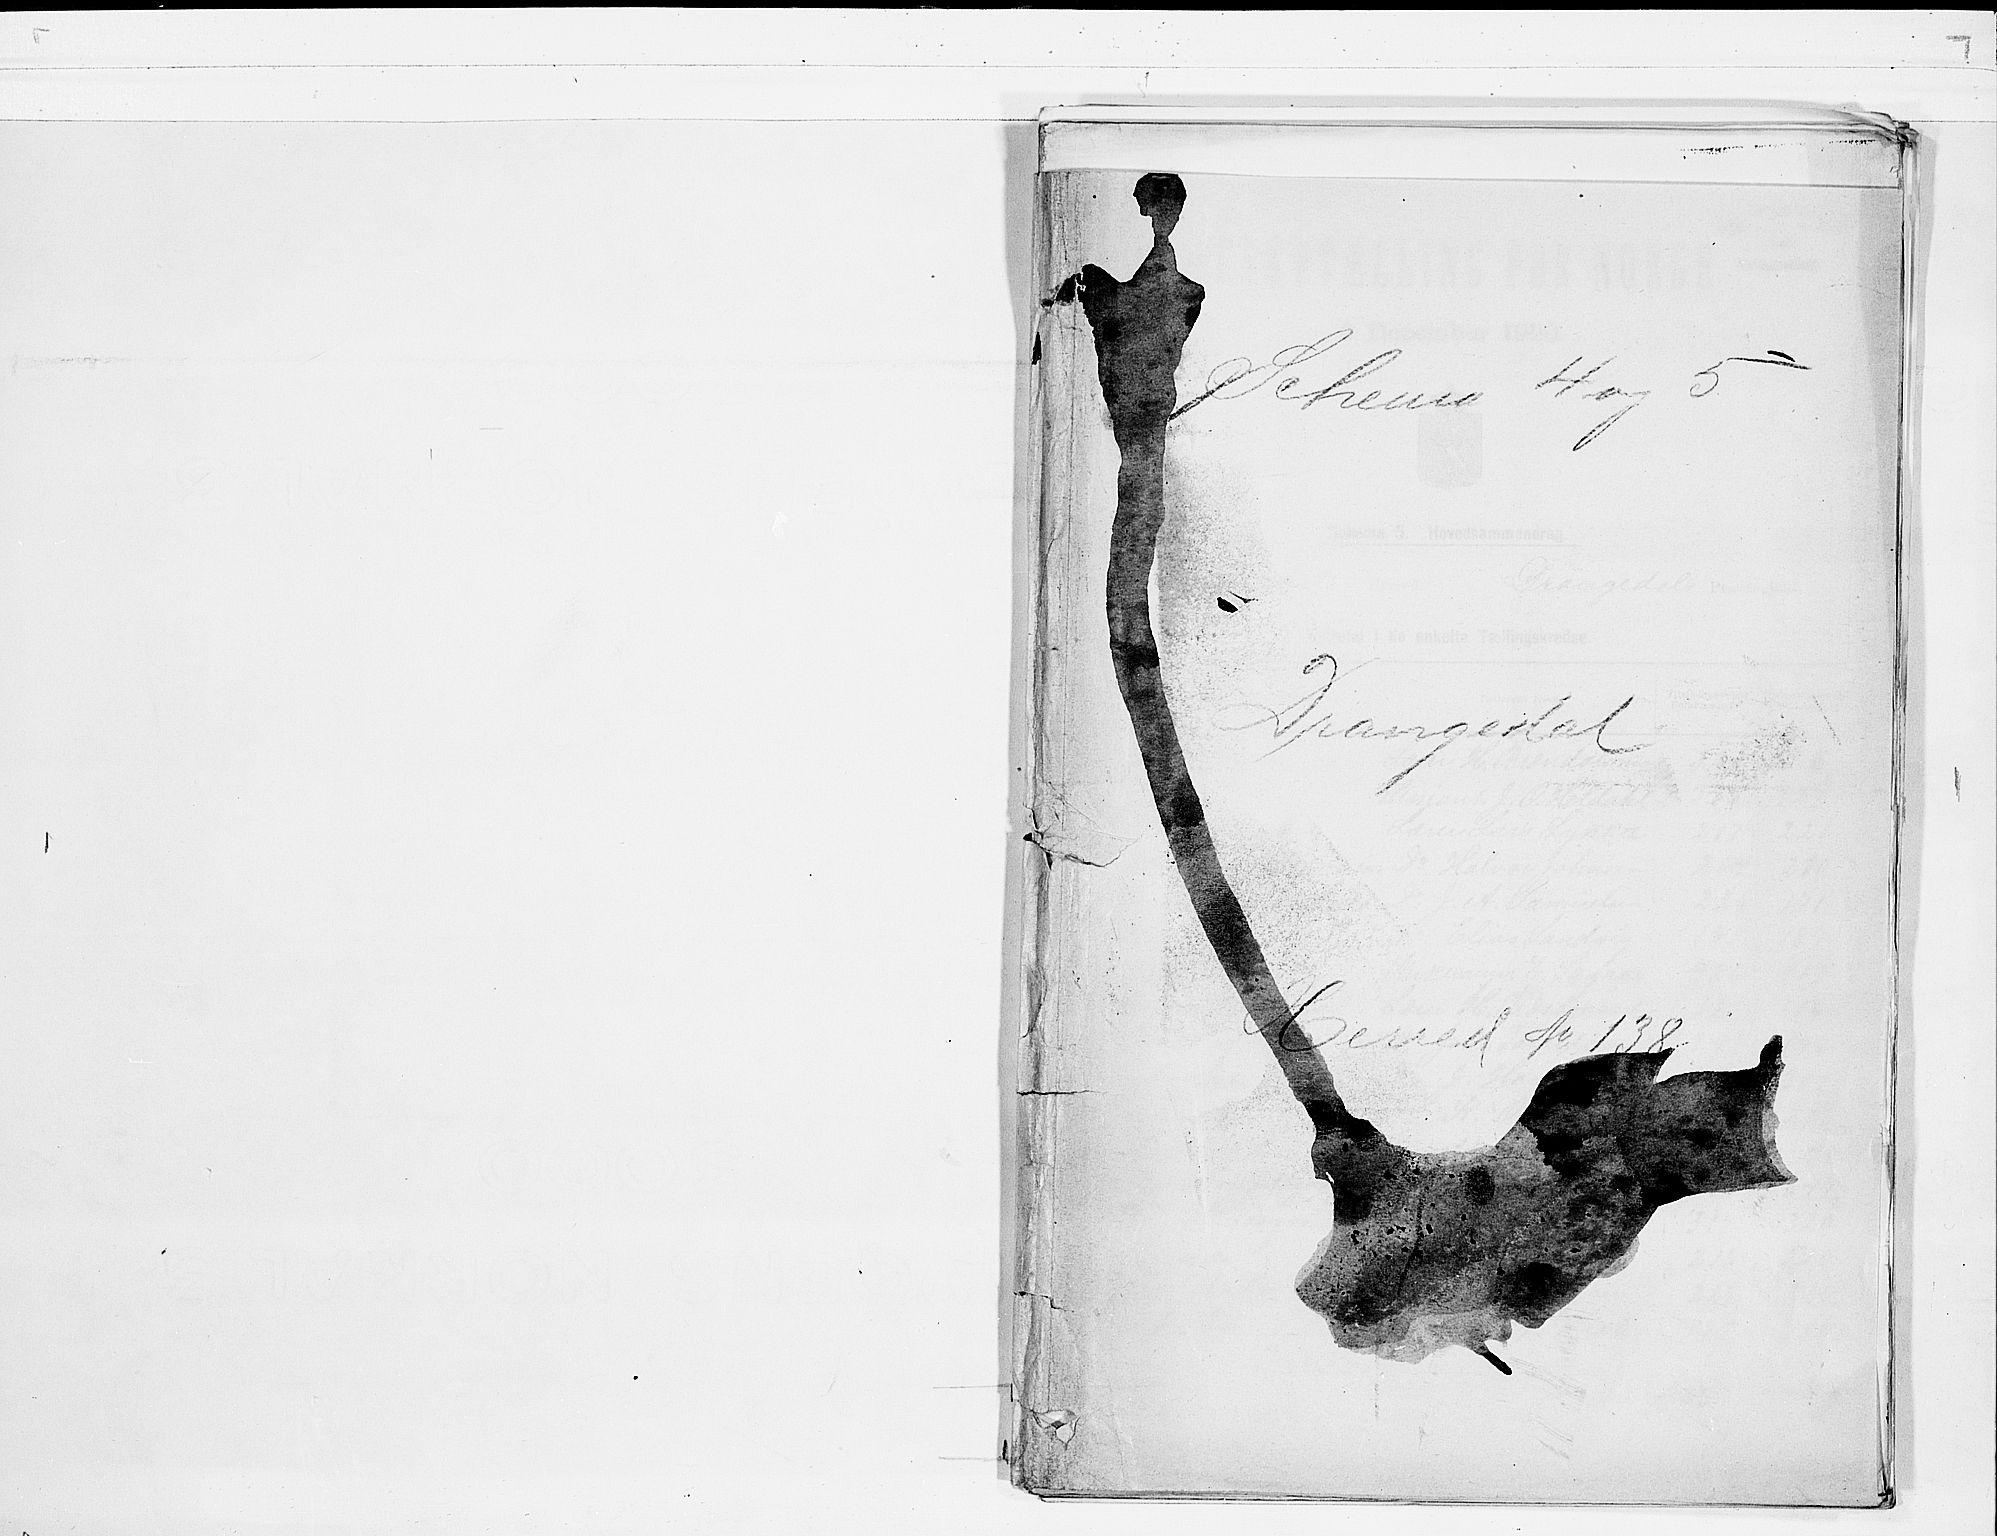 SAKO, Folketelling 1900 for 0817 Drangedal herred, 1900, s. 1